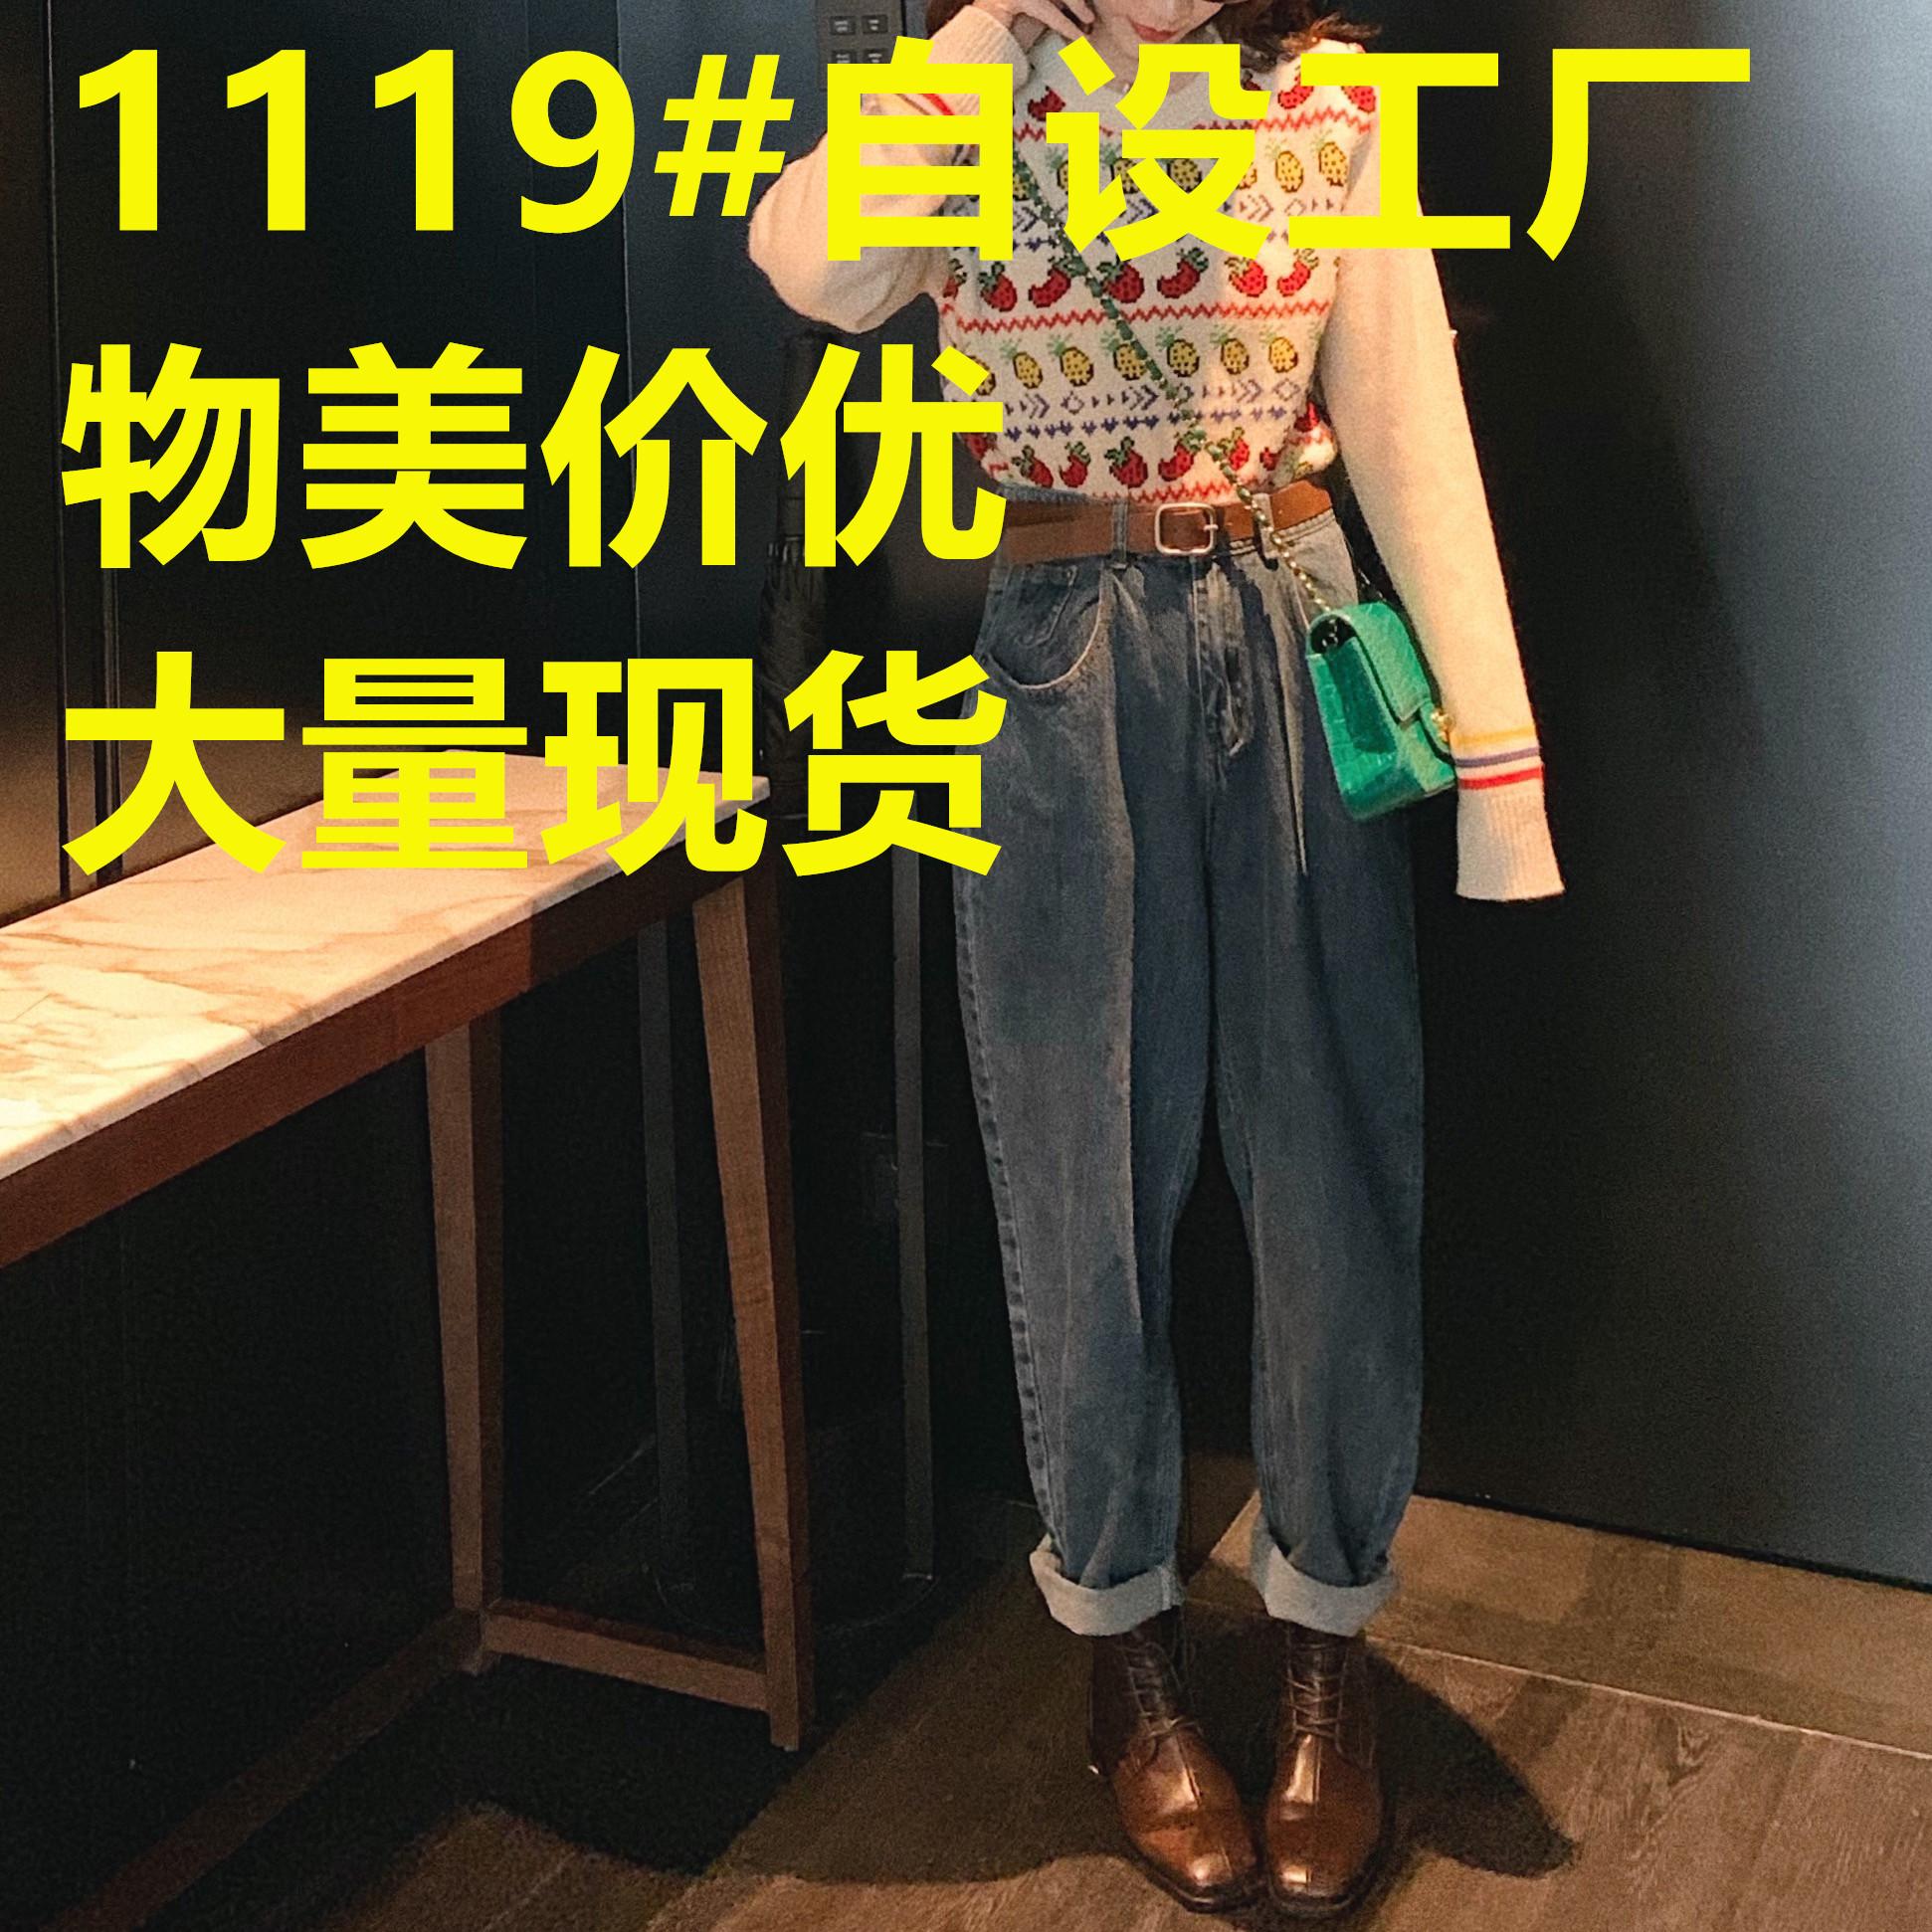 錢夫人 泫雅闊腿牛仔褲女2019新款韓版寬松顯瘦百搭哈倫老爹褲潮